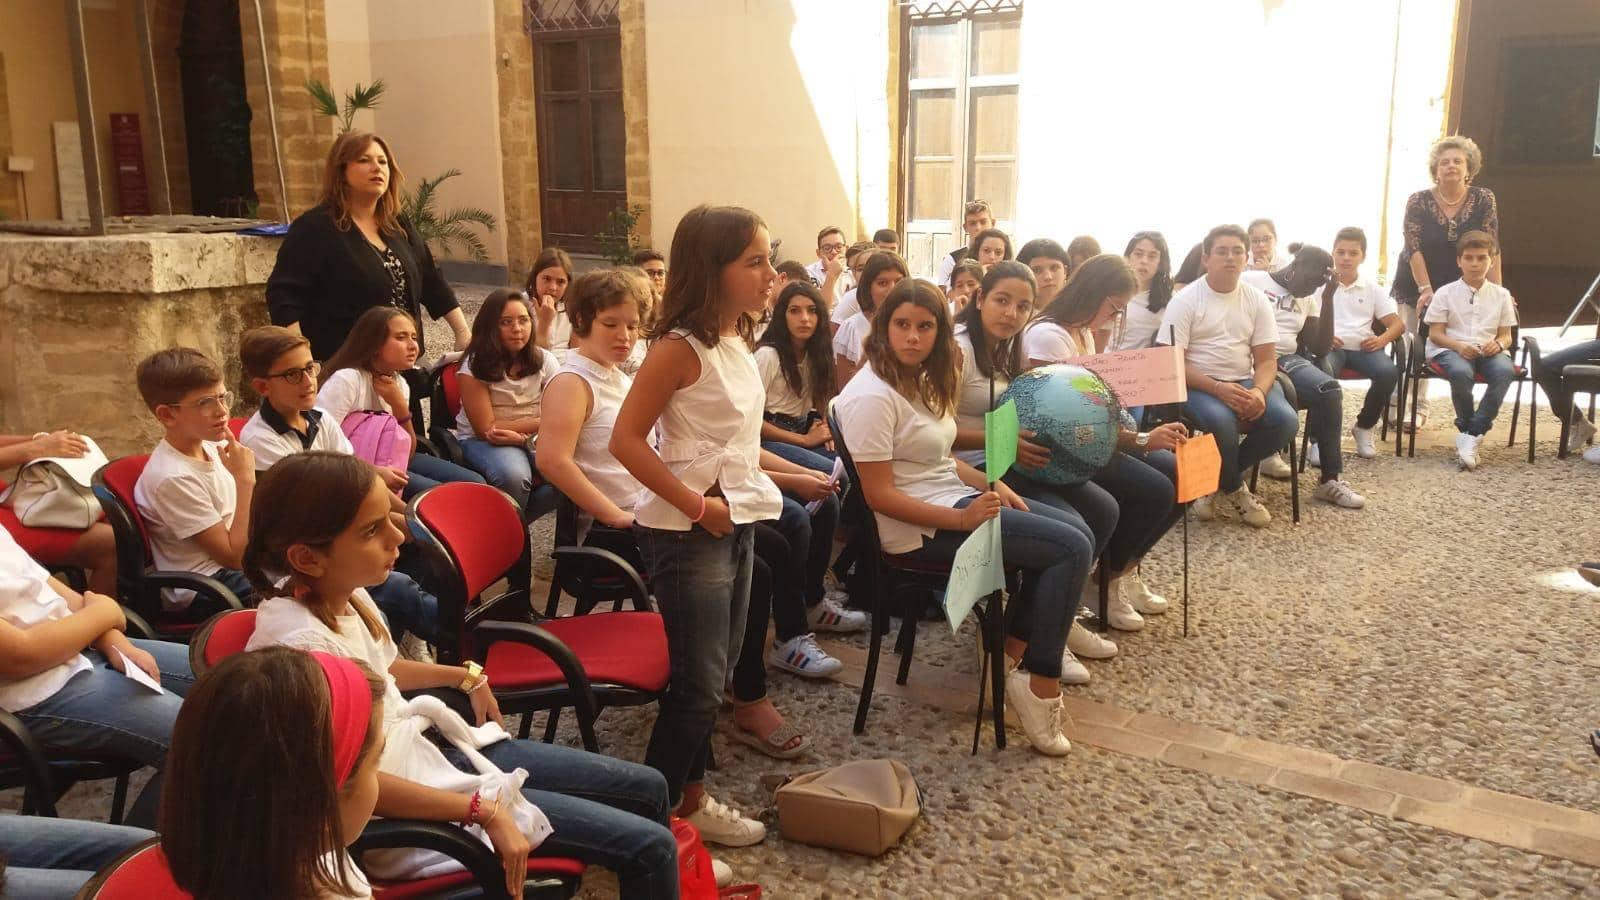 Ecosostenibilità, dibattito sul clima per gli studenti dell'istituto comprensivo Salvatore Quasimodo di Agrigento – FOTO